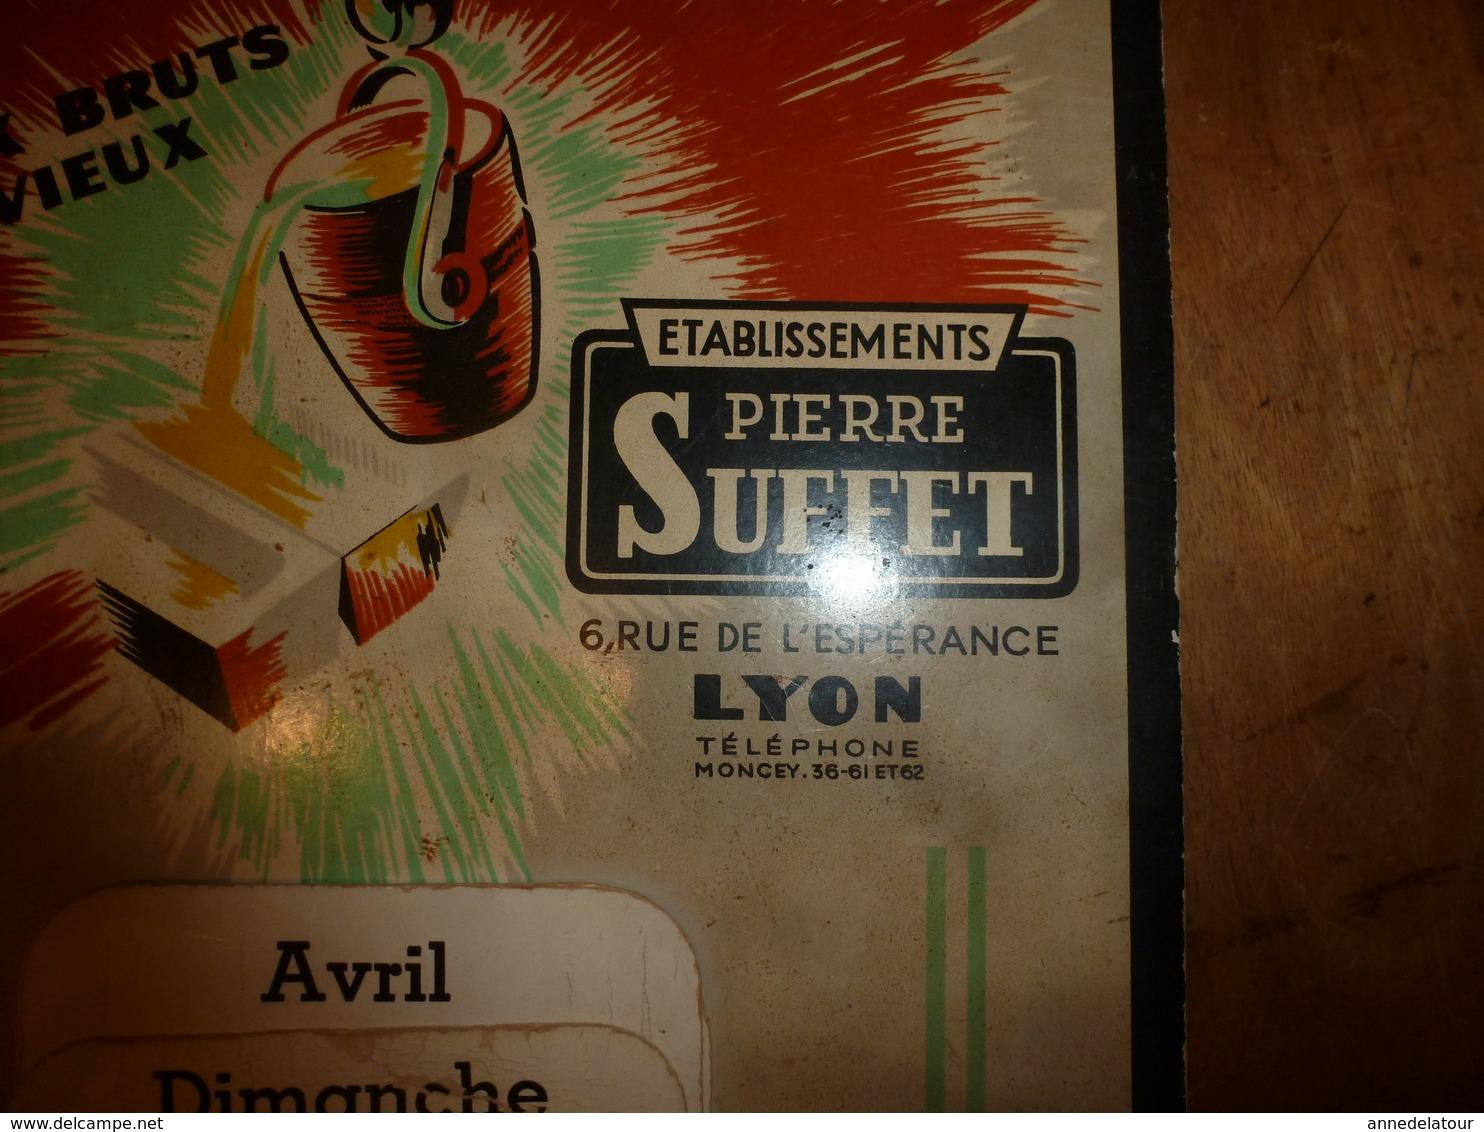 Anc. Carton Publicitaire Avec Calendrier Perpétuel Etablissements PIERRE SUFFLET à Lyon ---Métaux Bruts Et Vieux, Etc - Plaques En Carton